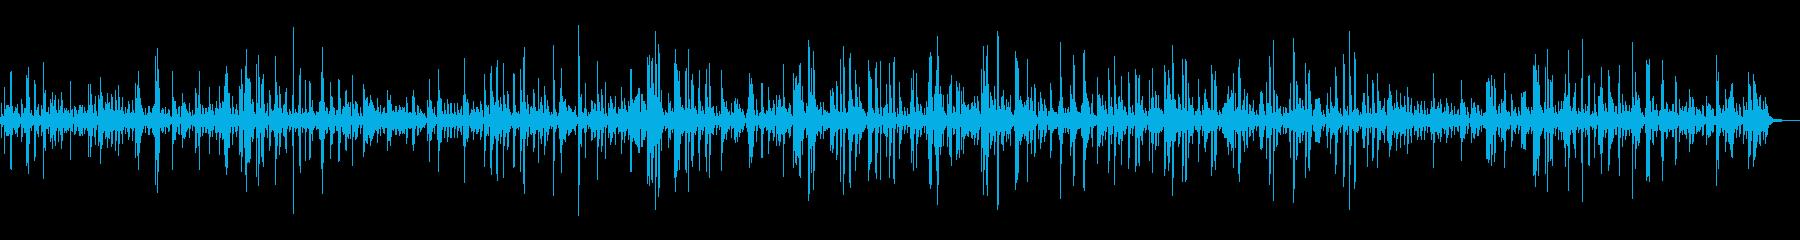 心を落ち着かせる癒しのピアノBGMの再生済みの波形